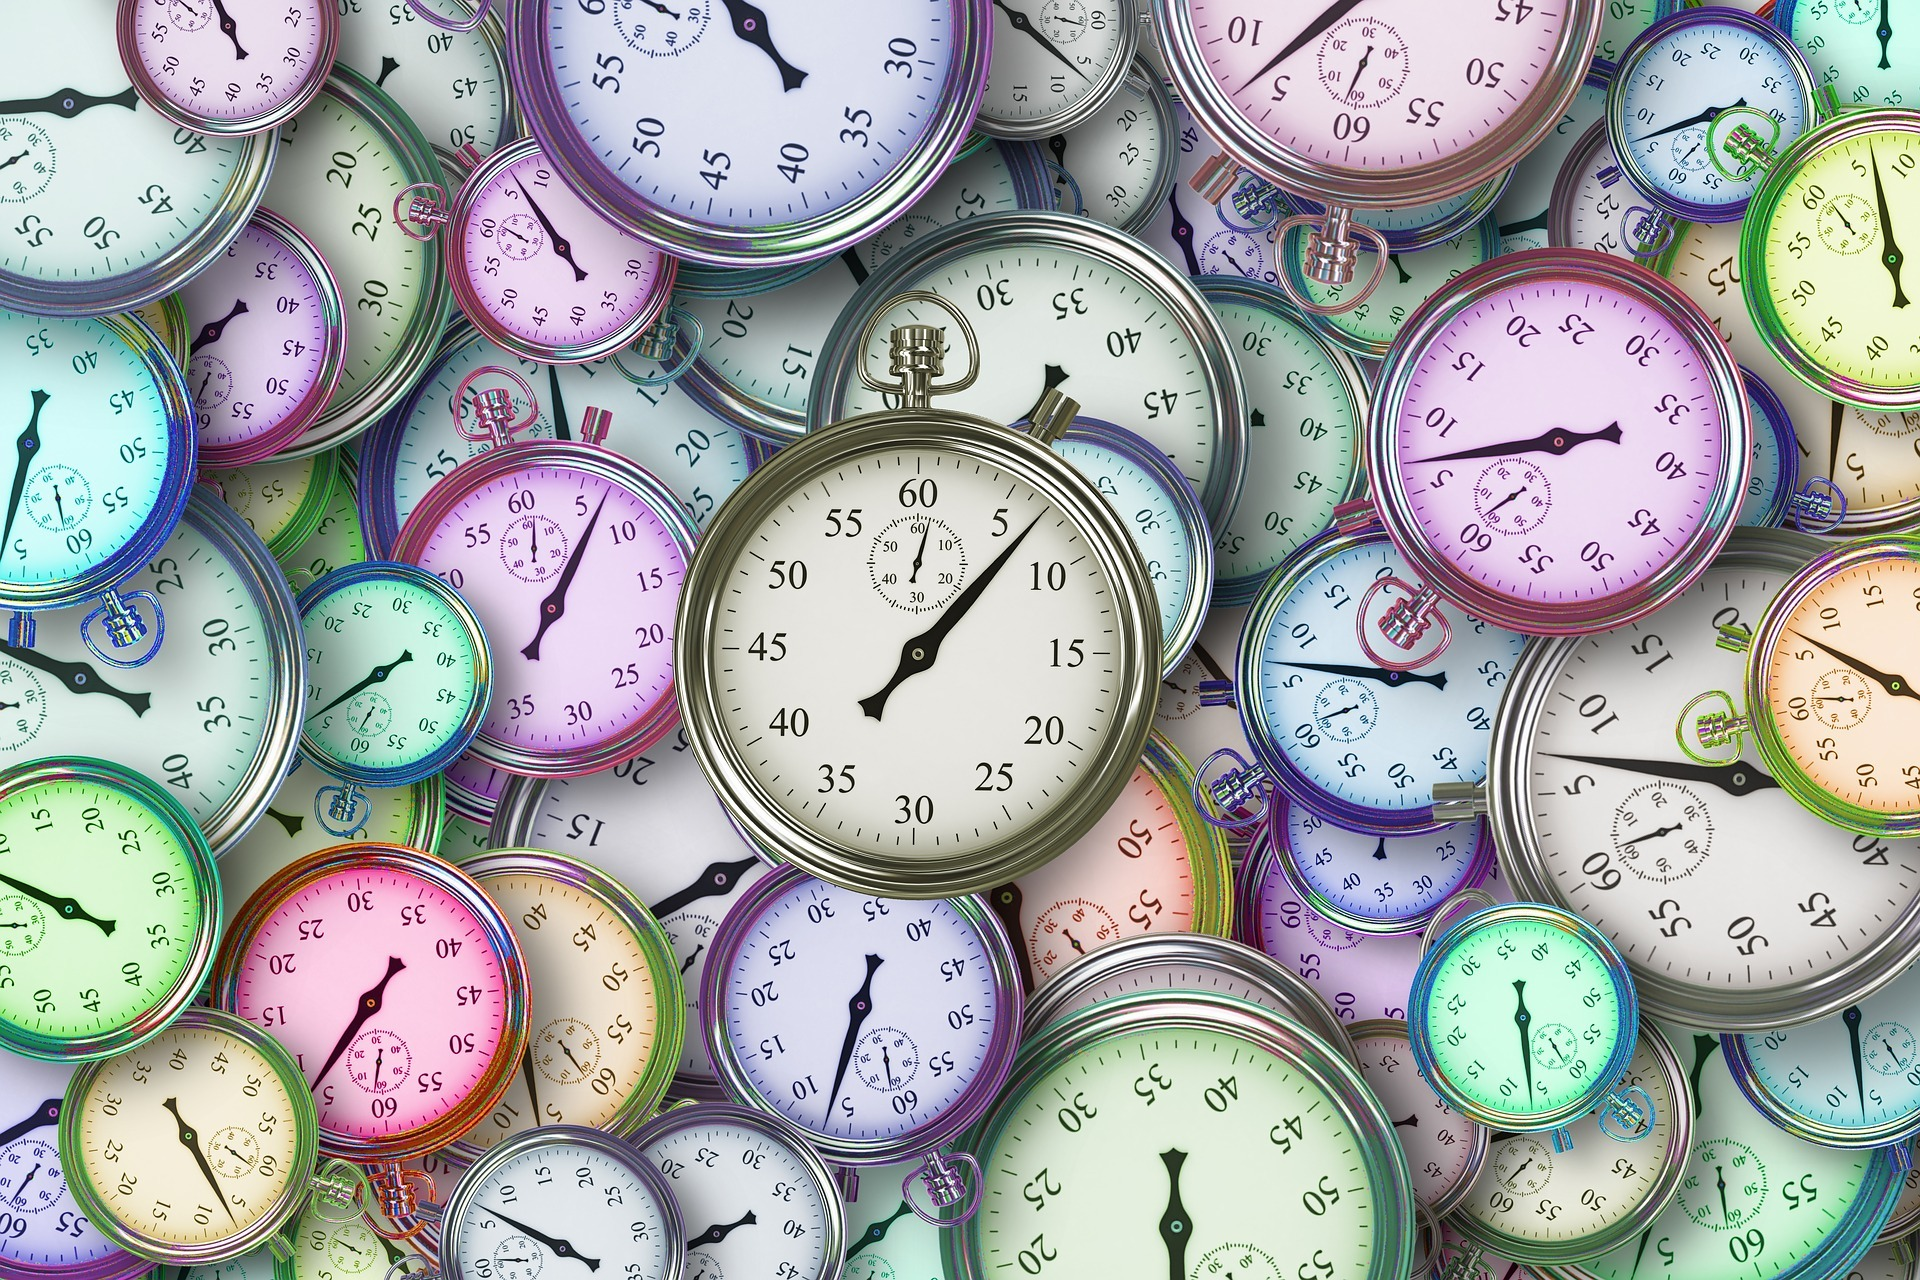 time-3222267_1920.jpg